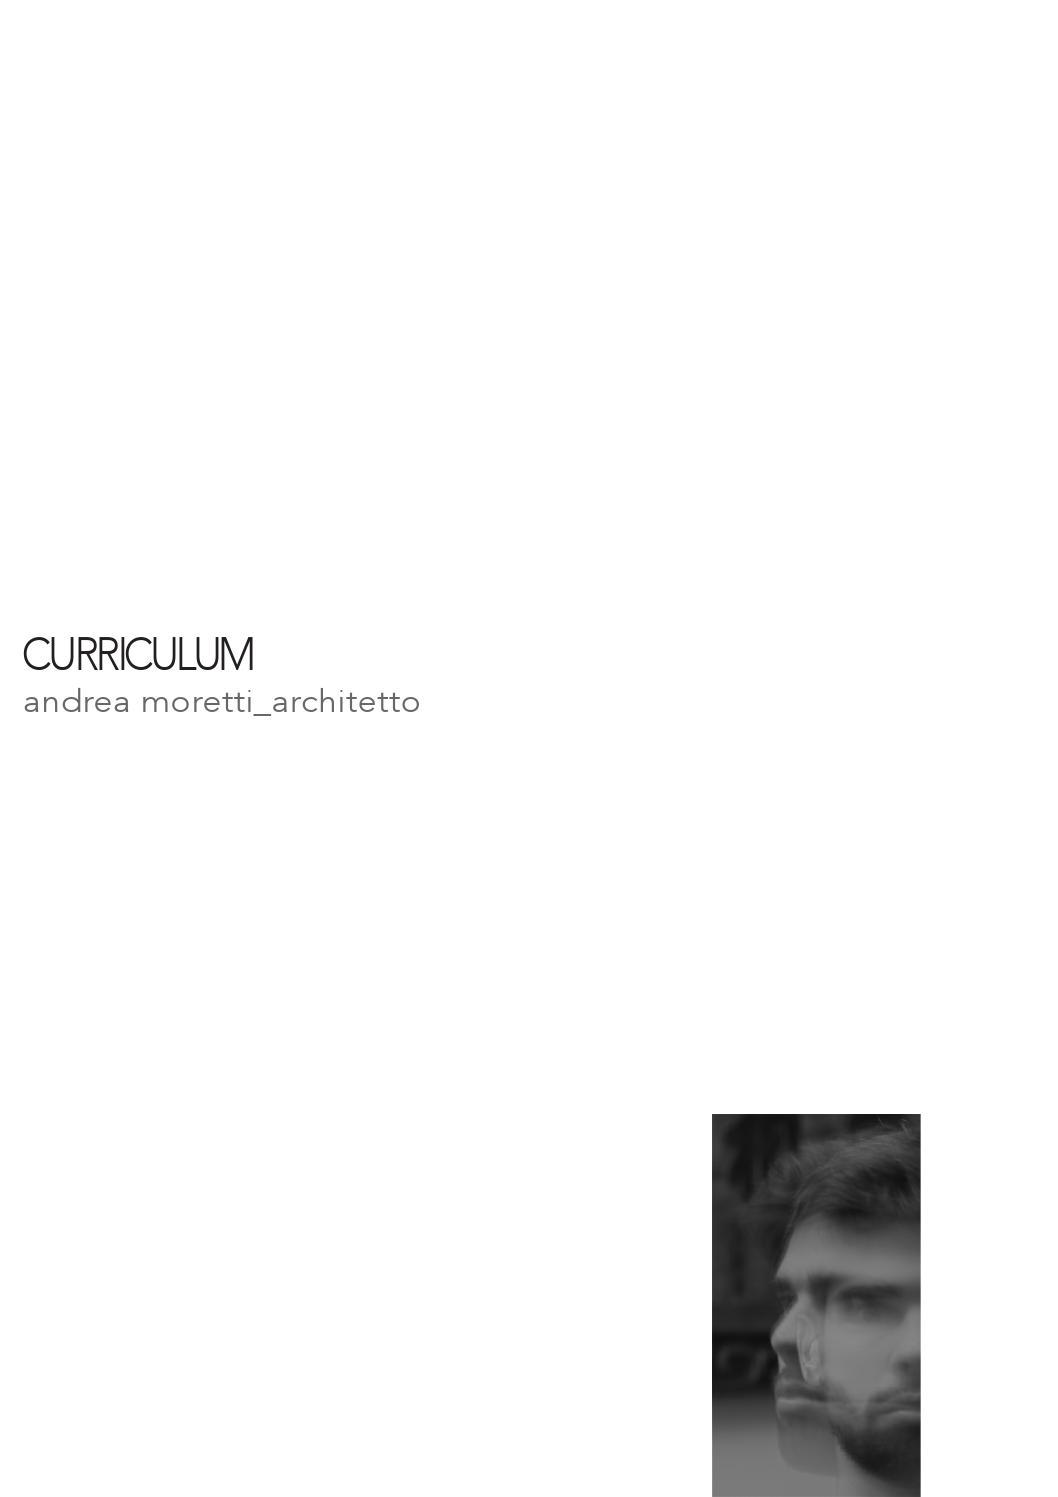 Curriculum Andrea Moretti Architetto By Andrea Moretti Architetto